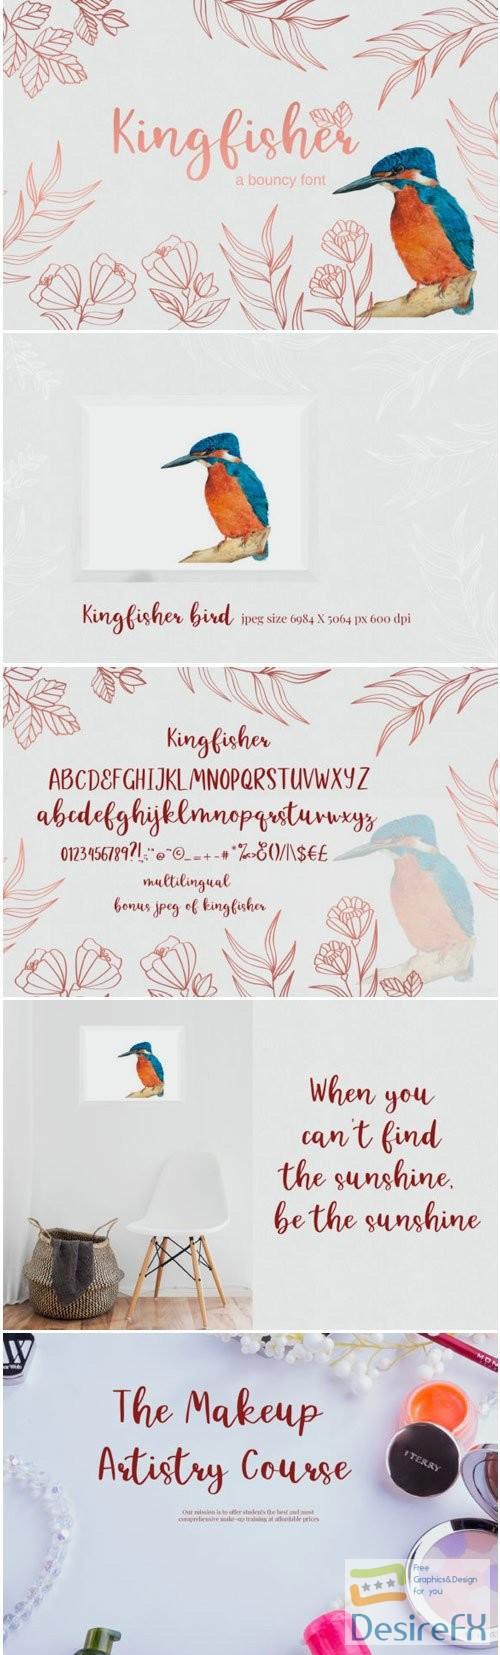 fonts - Kingfisher Font